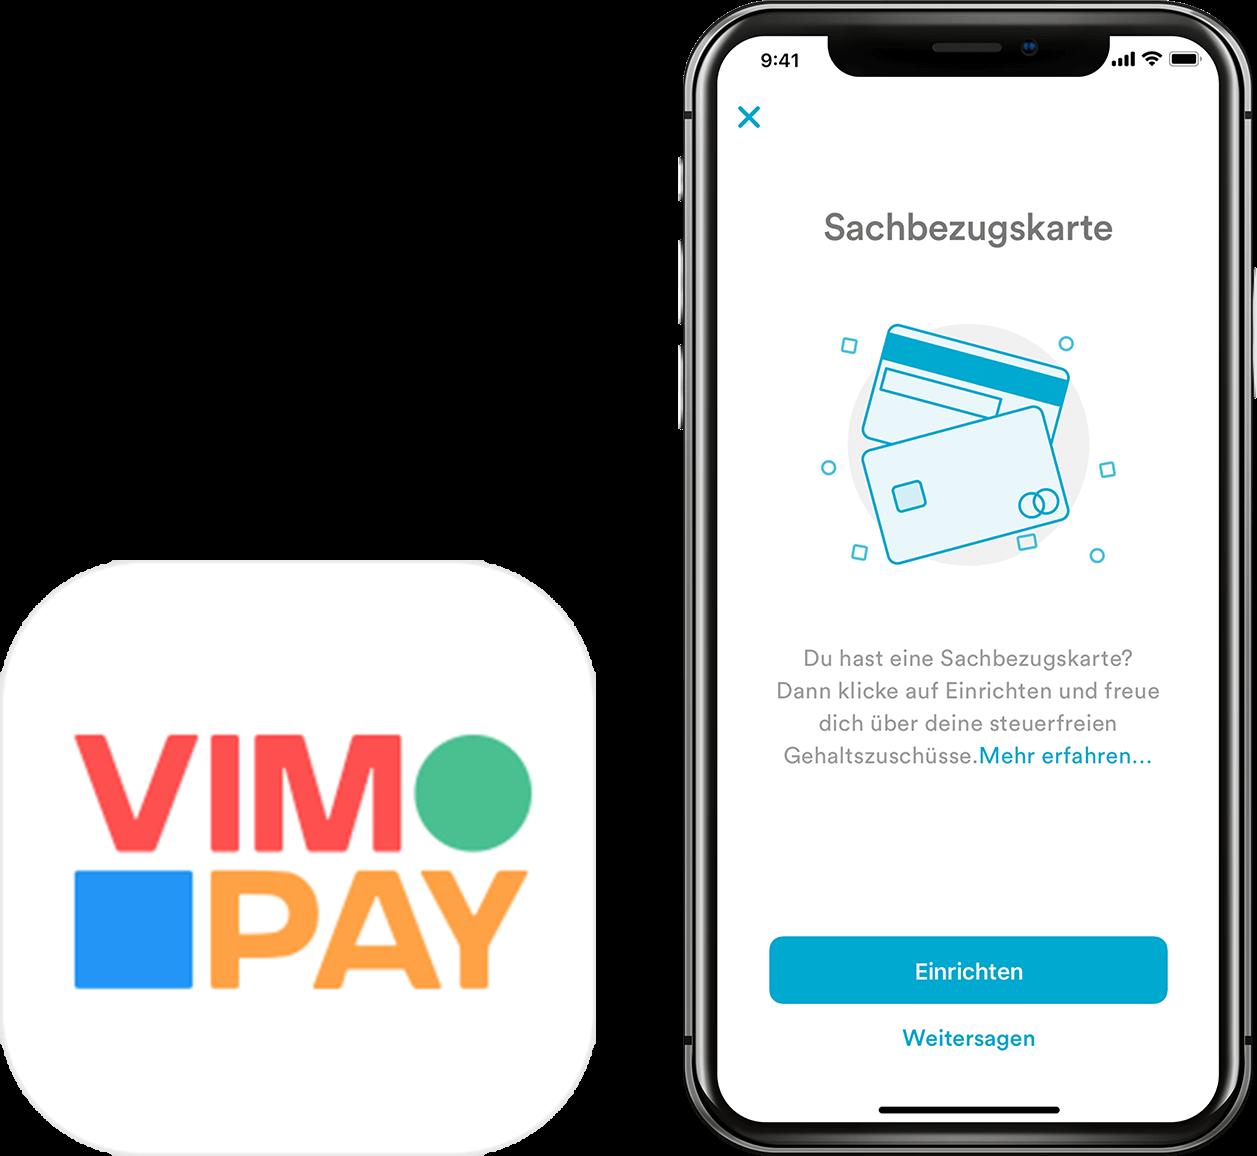 Verwaltung mit der VIMpay App